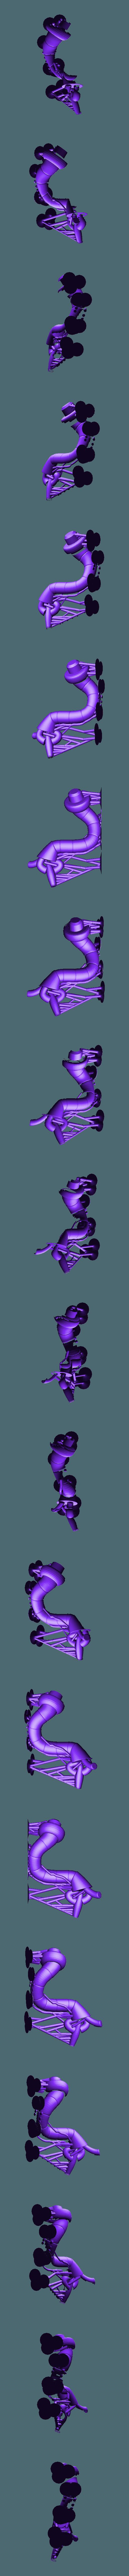 BlenderMANO_PUROMESHMIXER.stl Télécharger fichier STL gratuit Bender Futurama • Design pour imprimante 3D, EugenioFructuoso